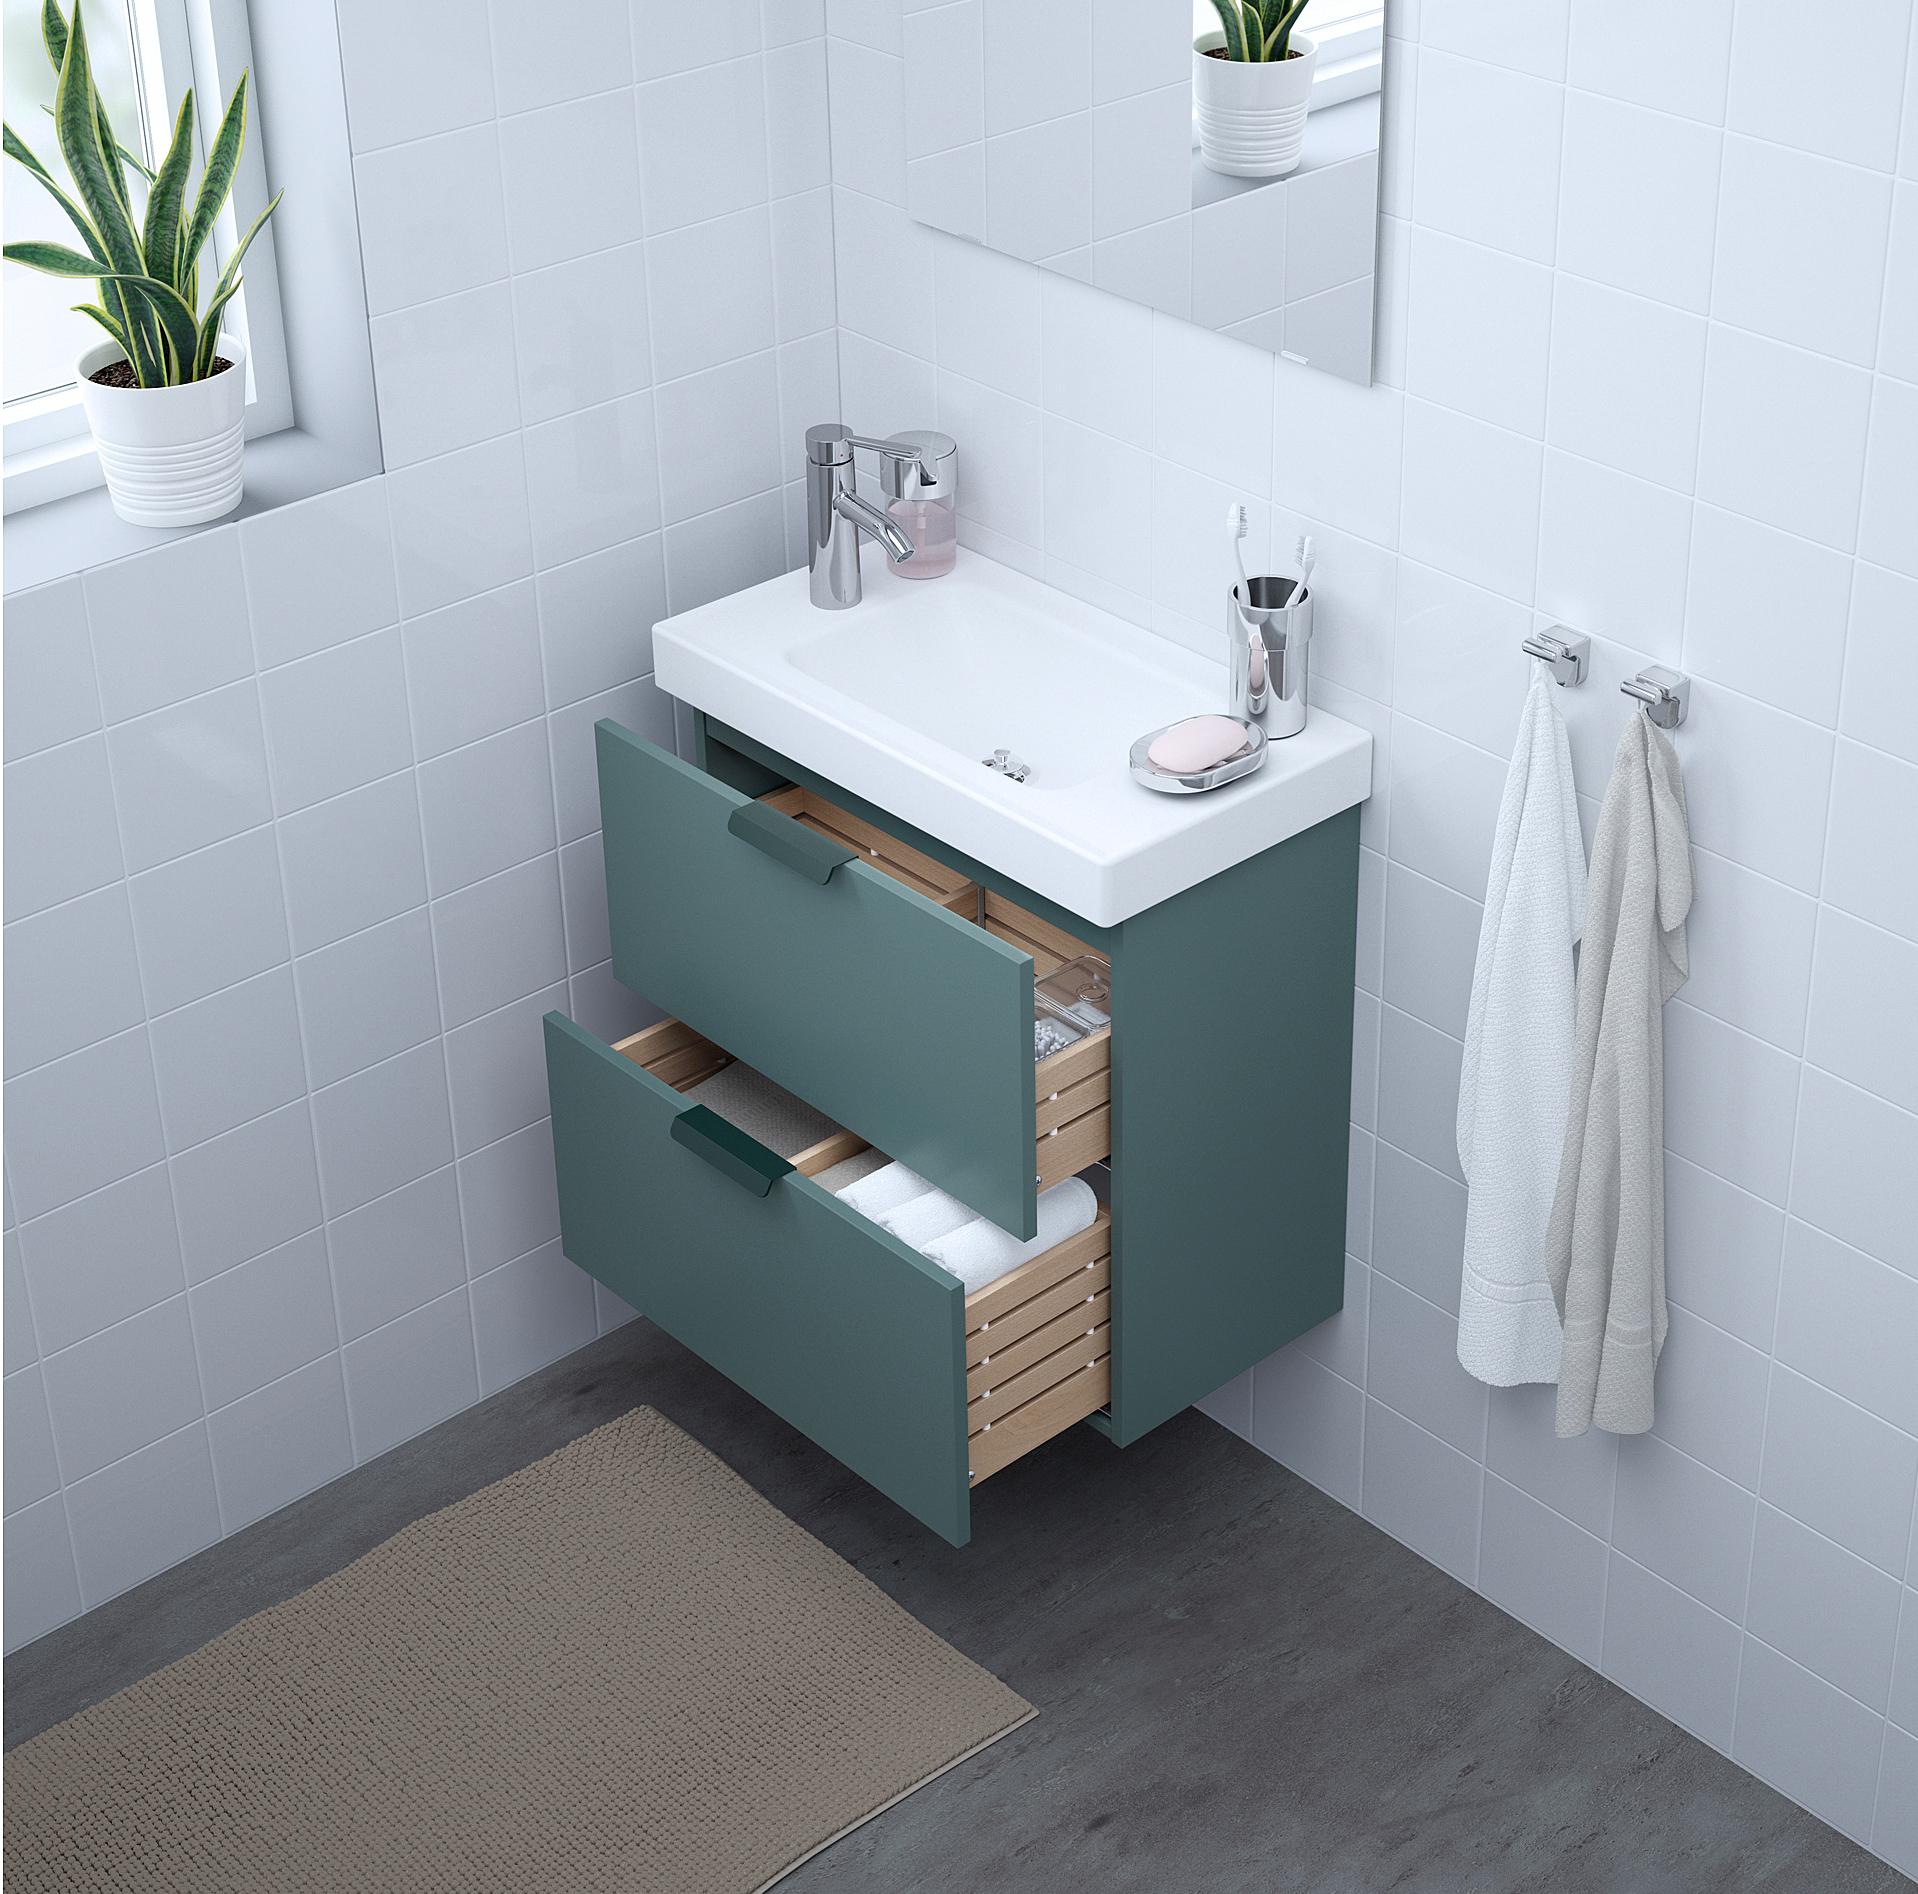 Mini Fontein Toilet.Handen Wassen Na Het Plassen Mini Fontein Voor Het Toilet Is Een